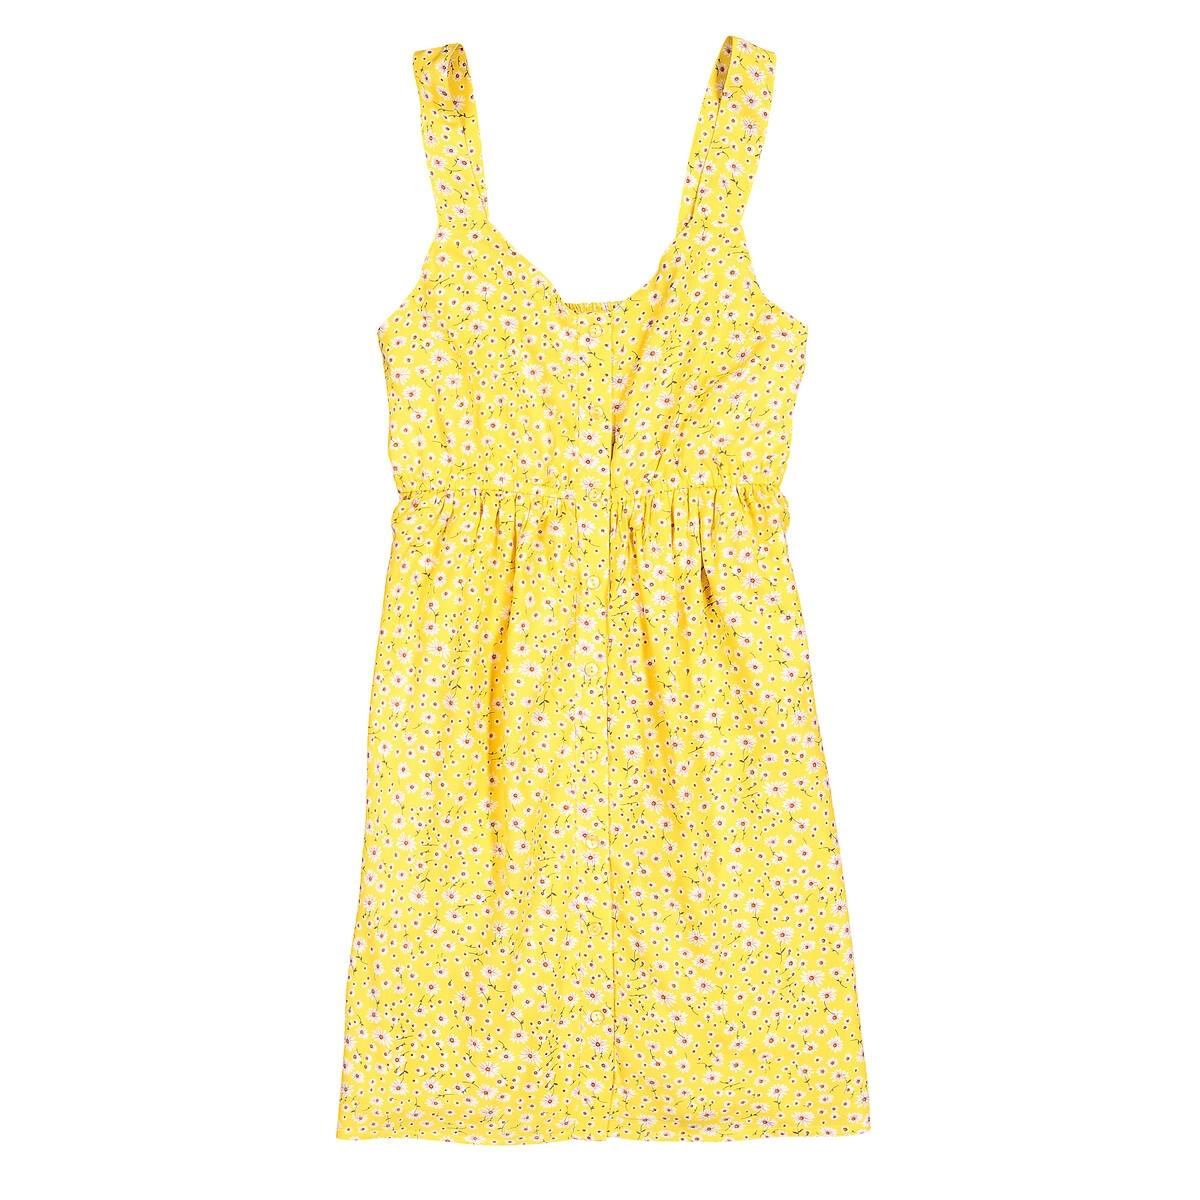 Платье La Redoute На бретелях с цветочным принтом 10-16 лет 16 лет - 162 см разноцветный polesie великан 162 детали разноцветный